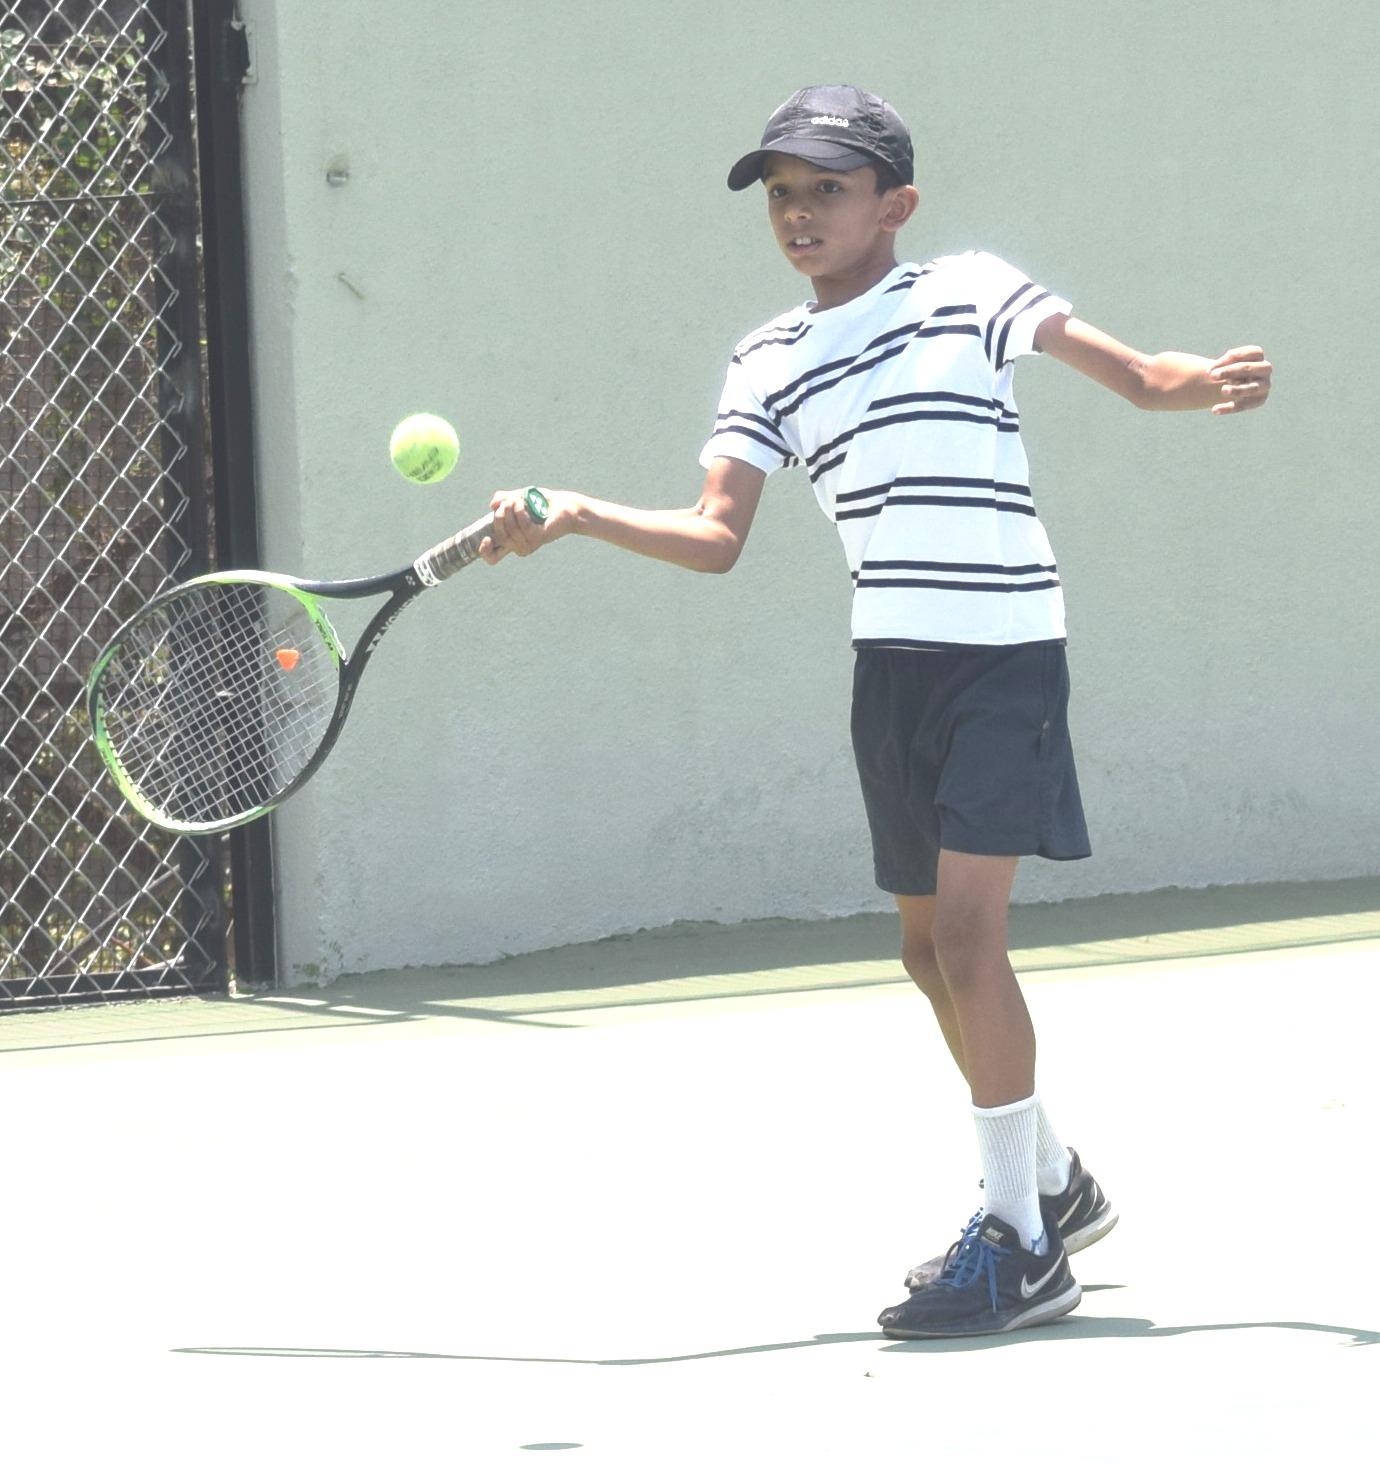 ल टेनिस स्पर्धेत शिवतेज श्रीफुले,  शार्दूल खवळे यांचा मानांकित खेळाडूंवर विजय